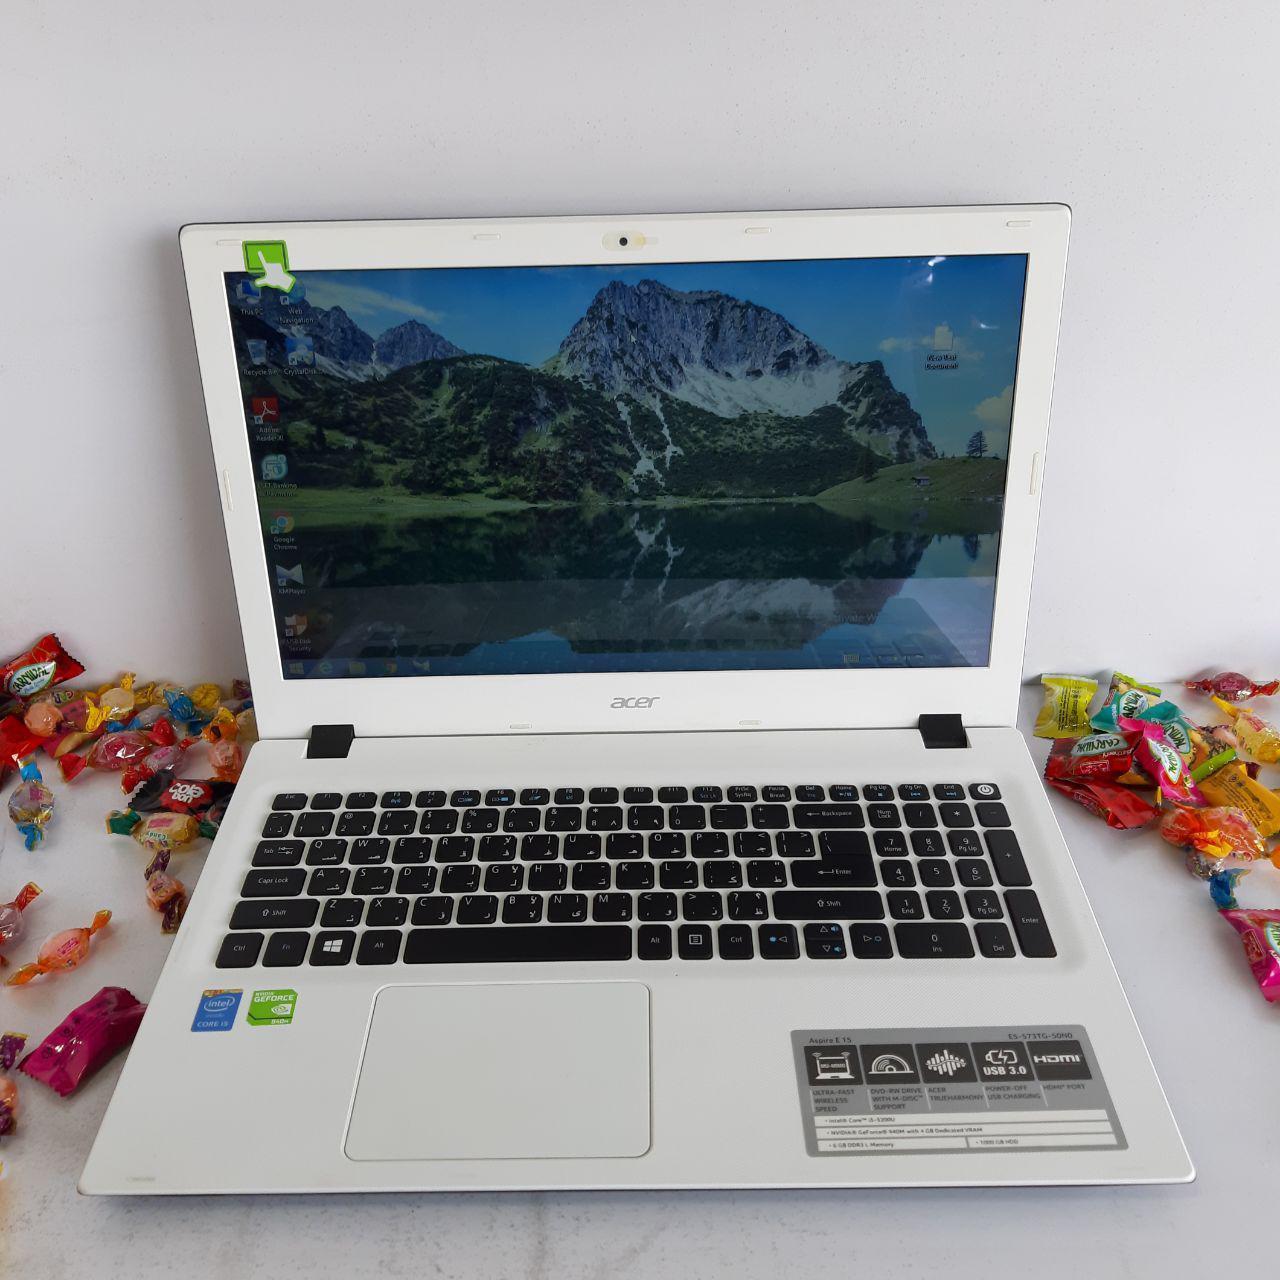 لپ تاپ دست دوم و کارکرده ایسر Acer Aspire E5-573TG